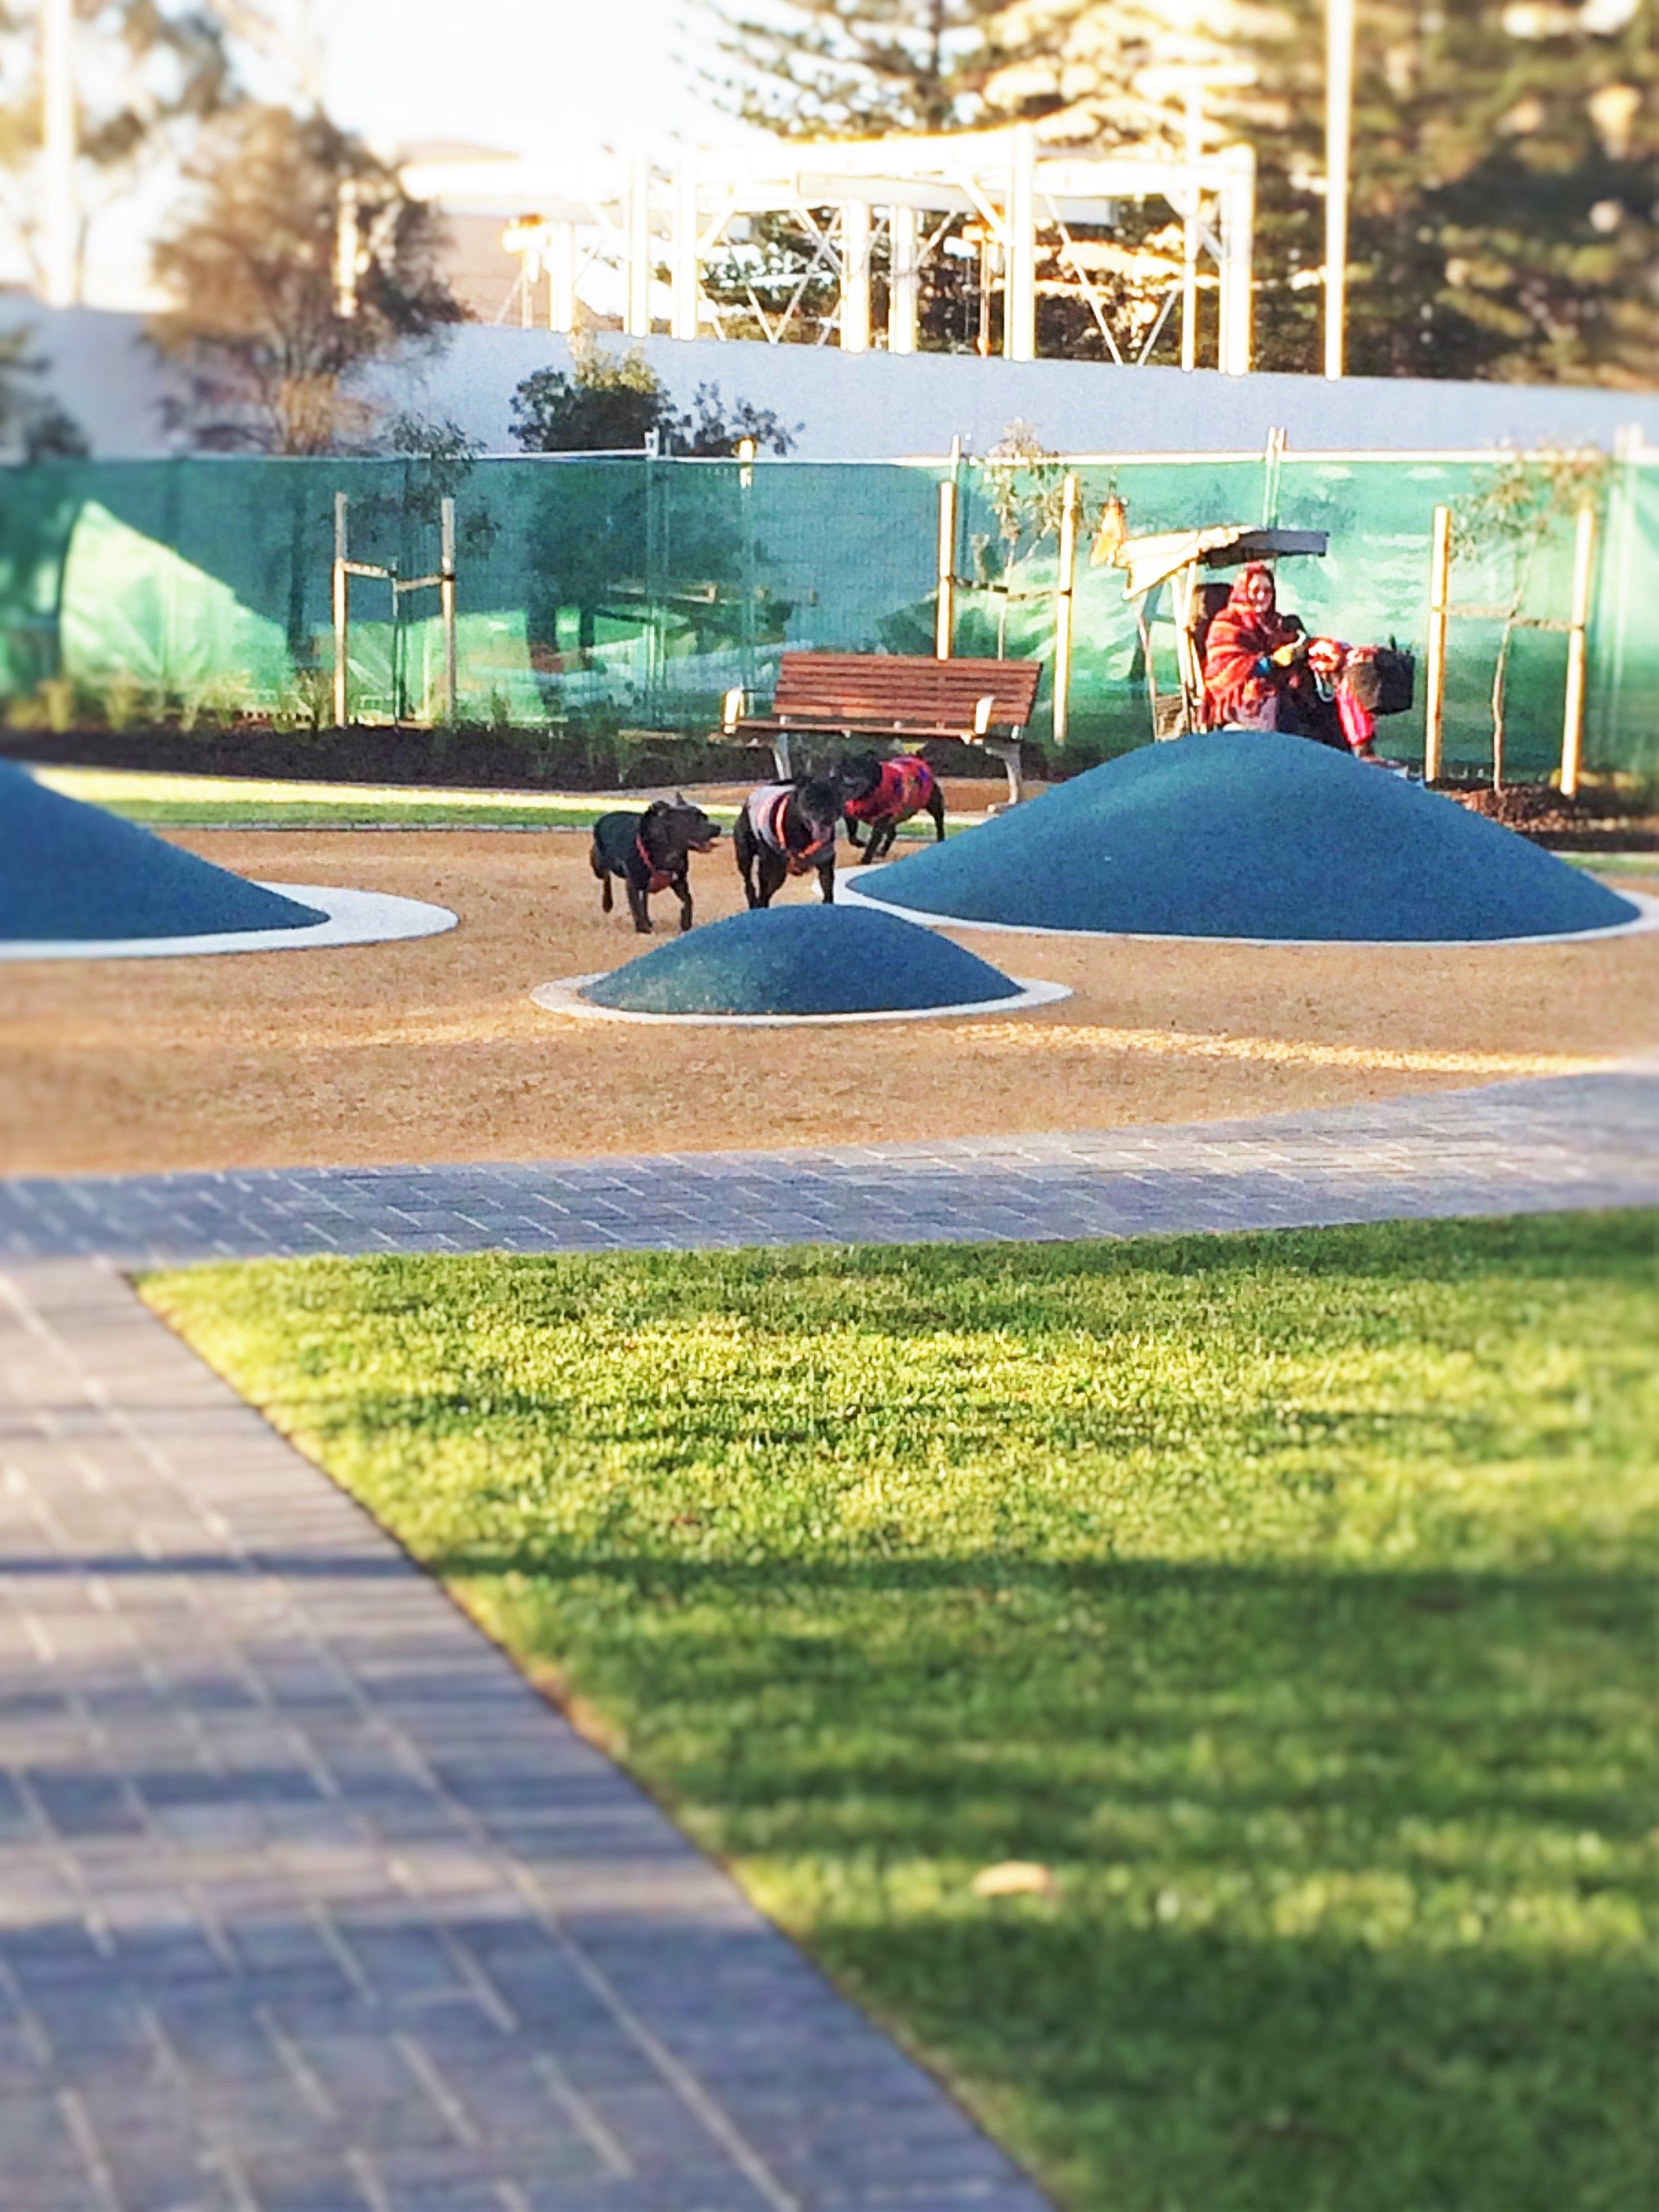 13+ Garden city park animal hospital ideas